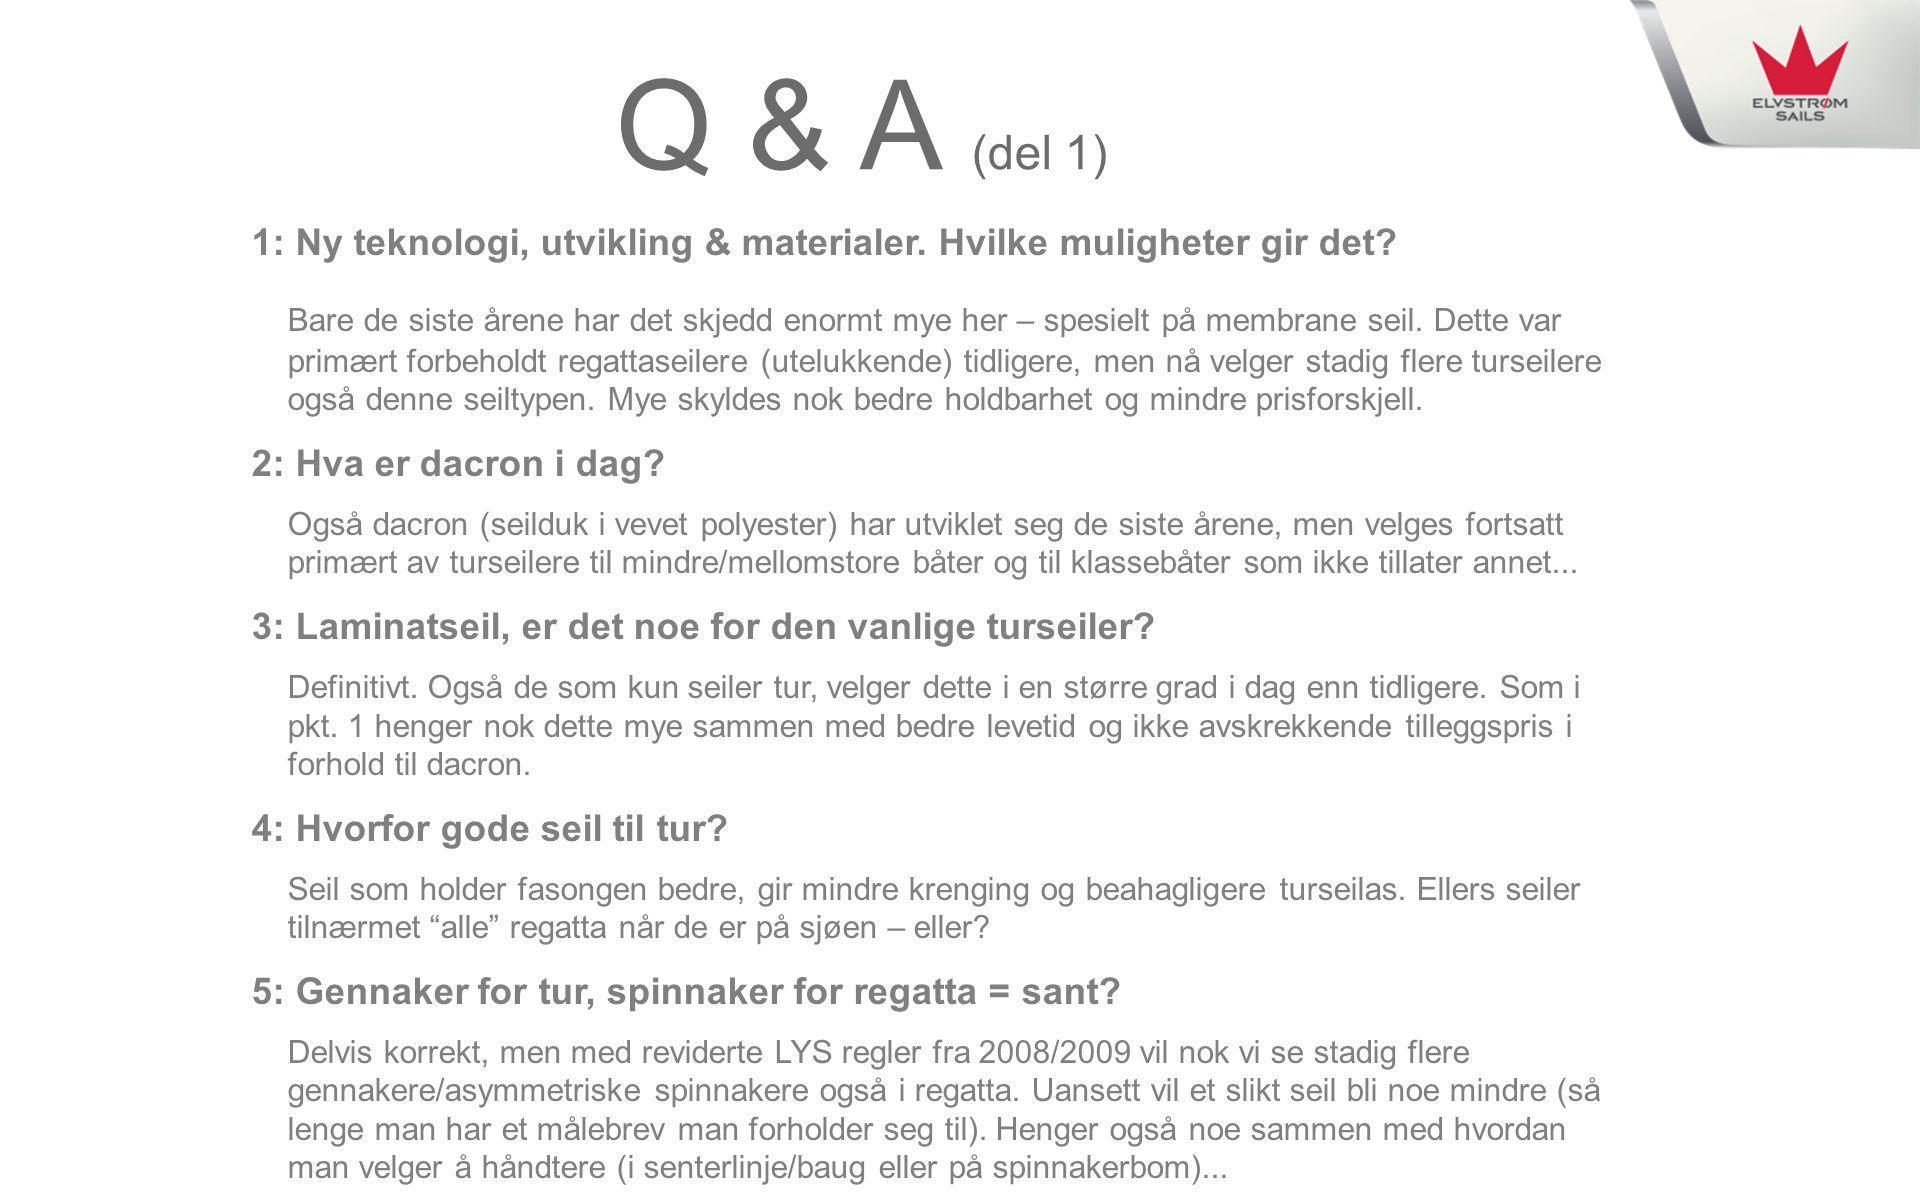 Q & A (del 1) 1: Ny teknologi, utvikling & materialer. Hvilke muligheter gir det